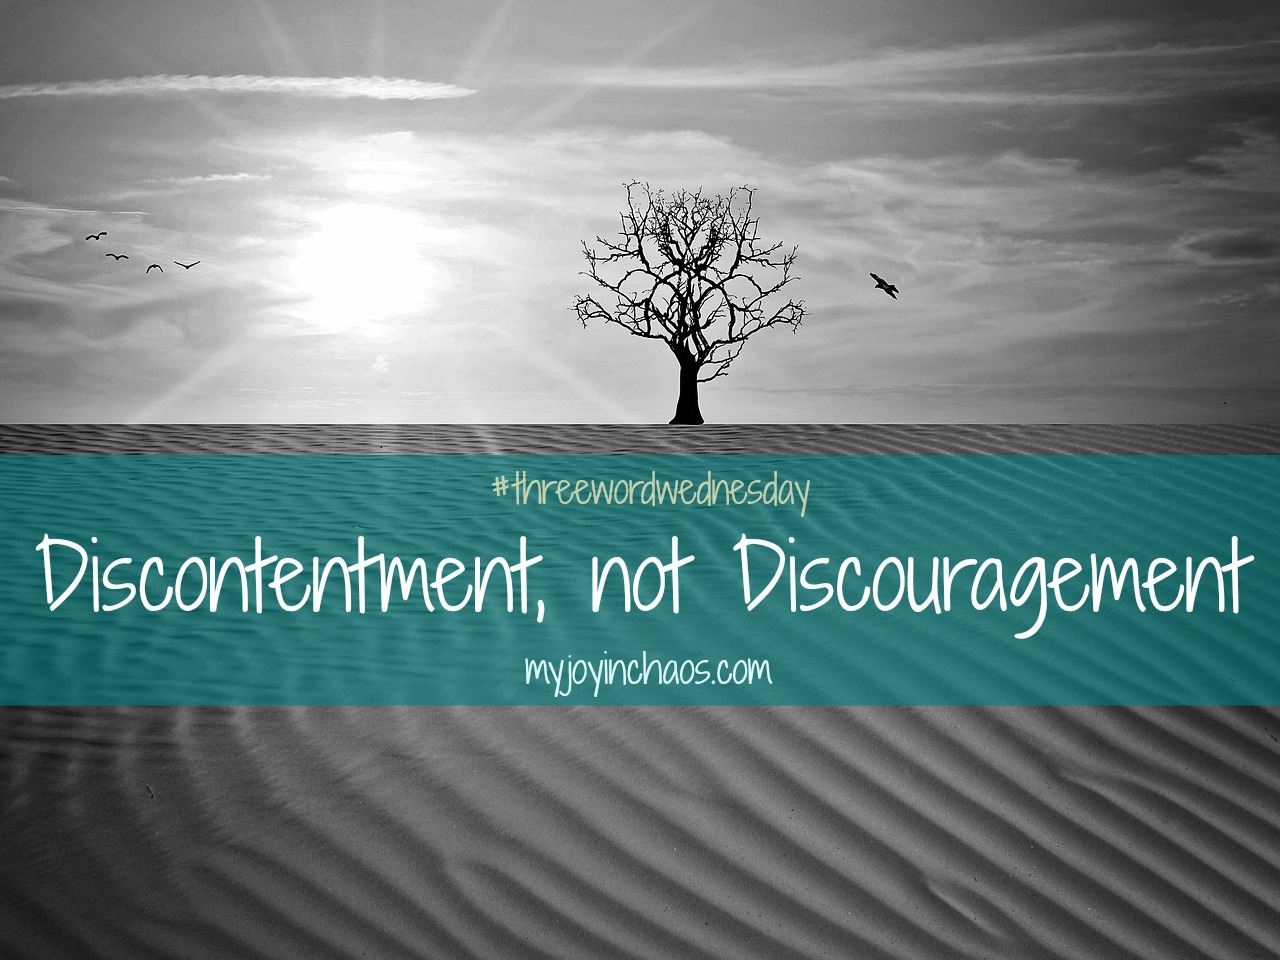 discontentmentdiscouragement.jpg